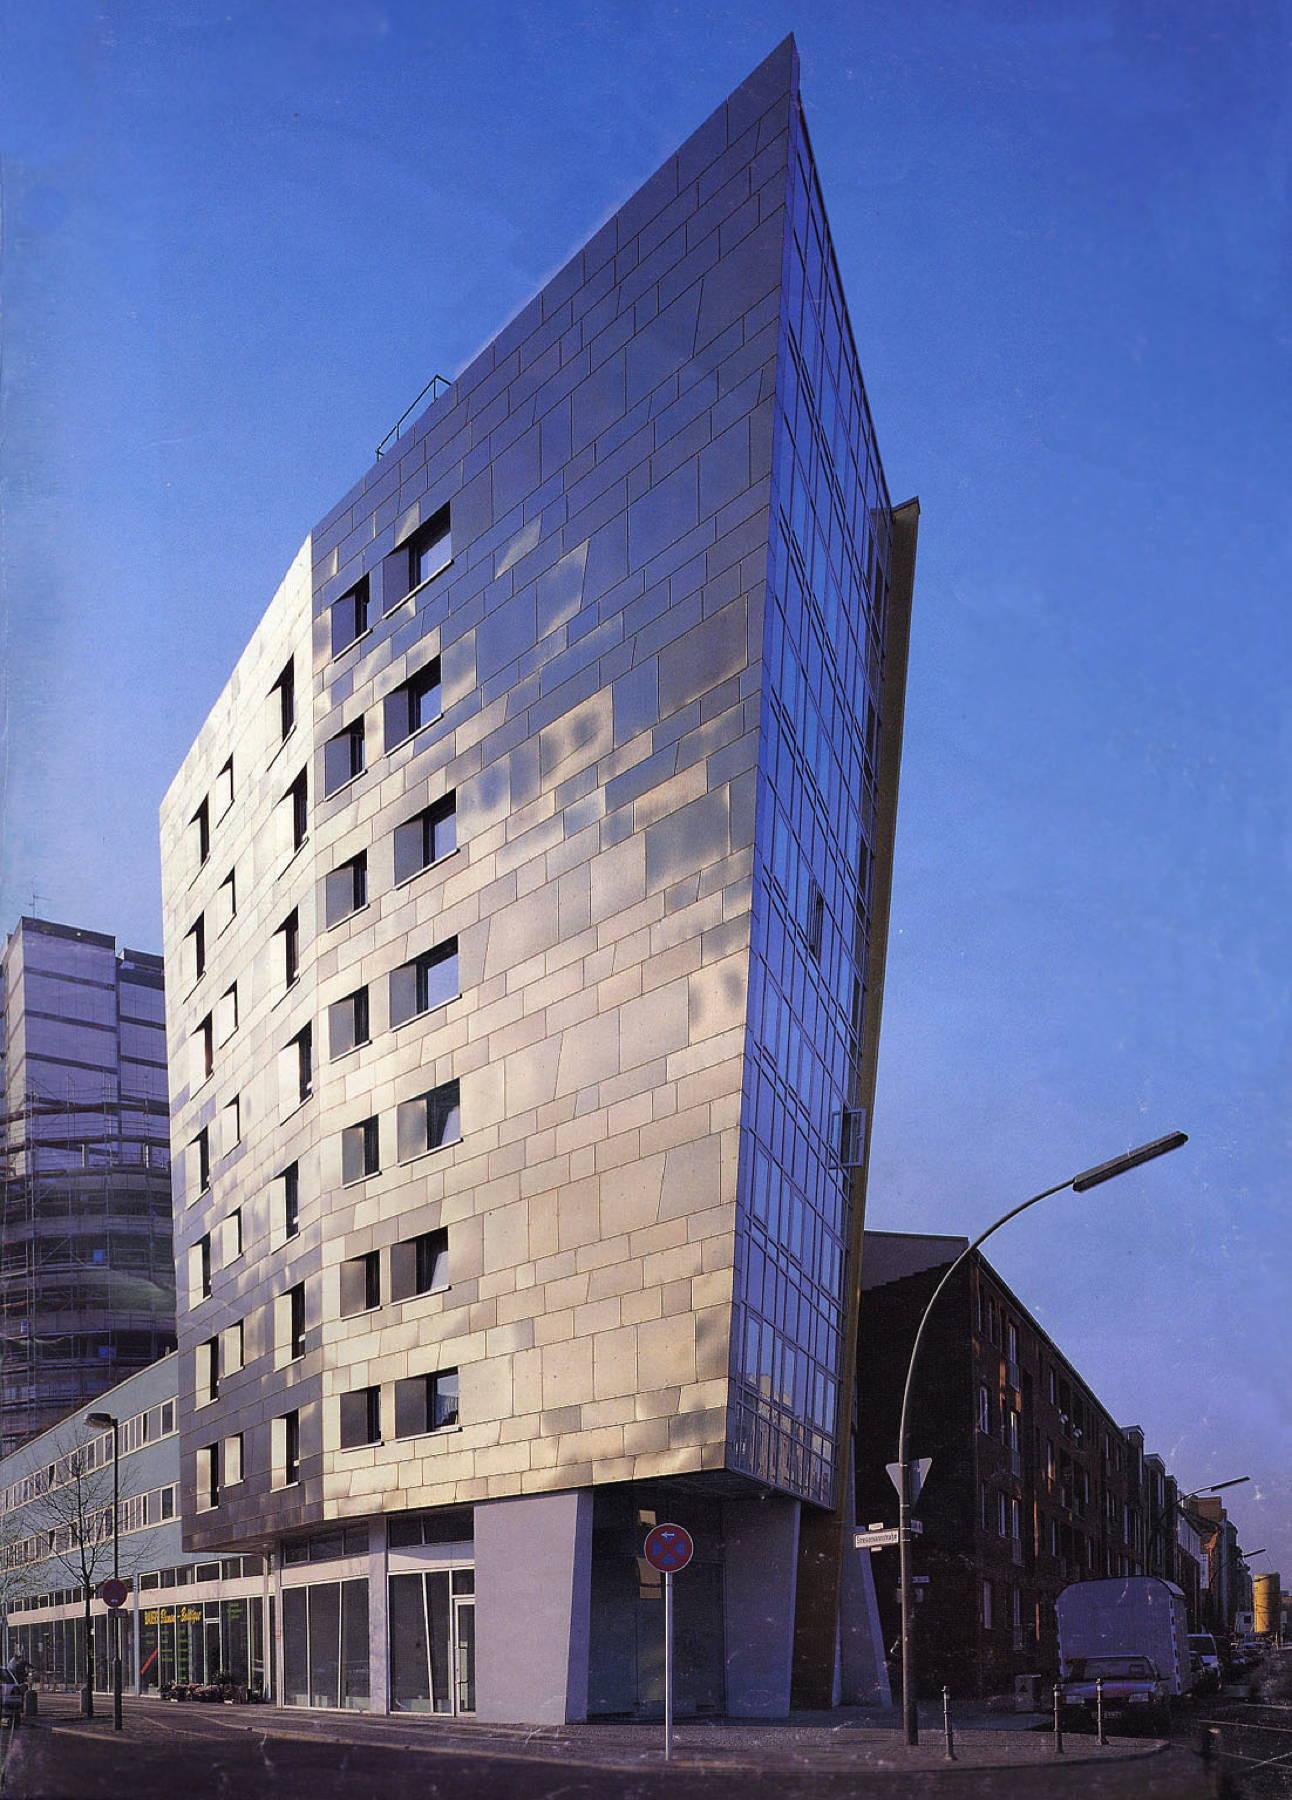 Iba Housing Zaha Hadid Architects Archello